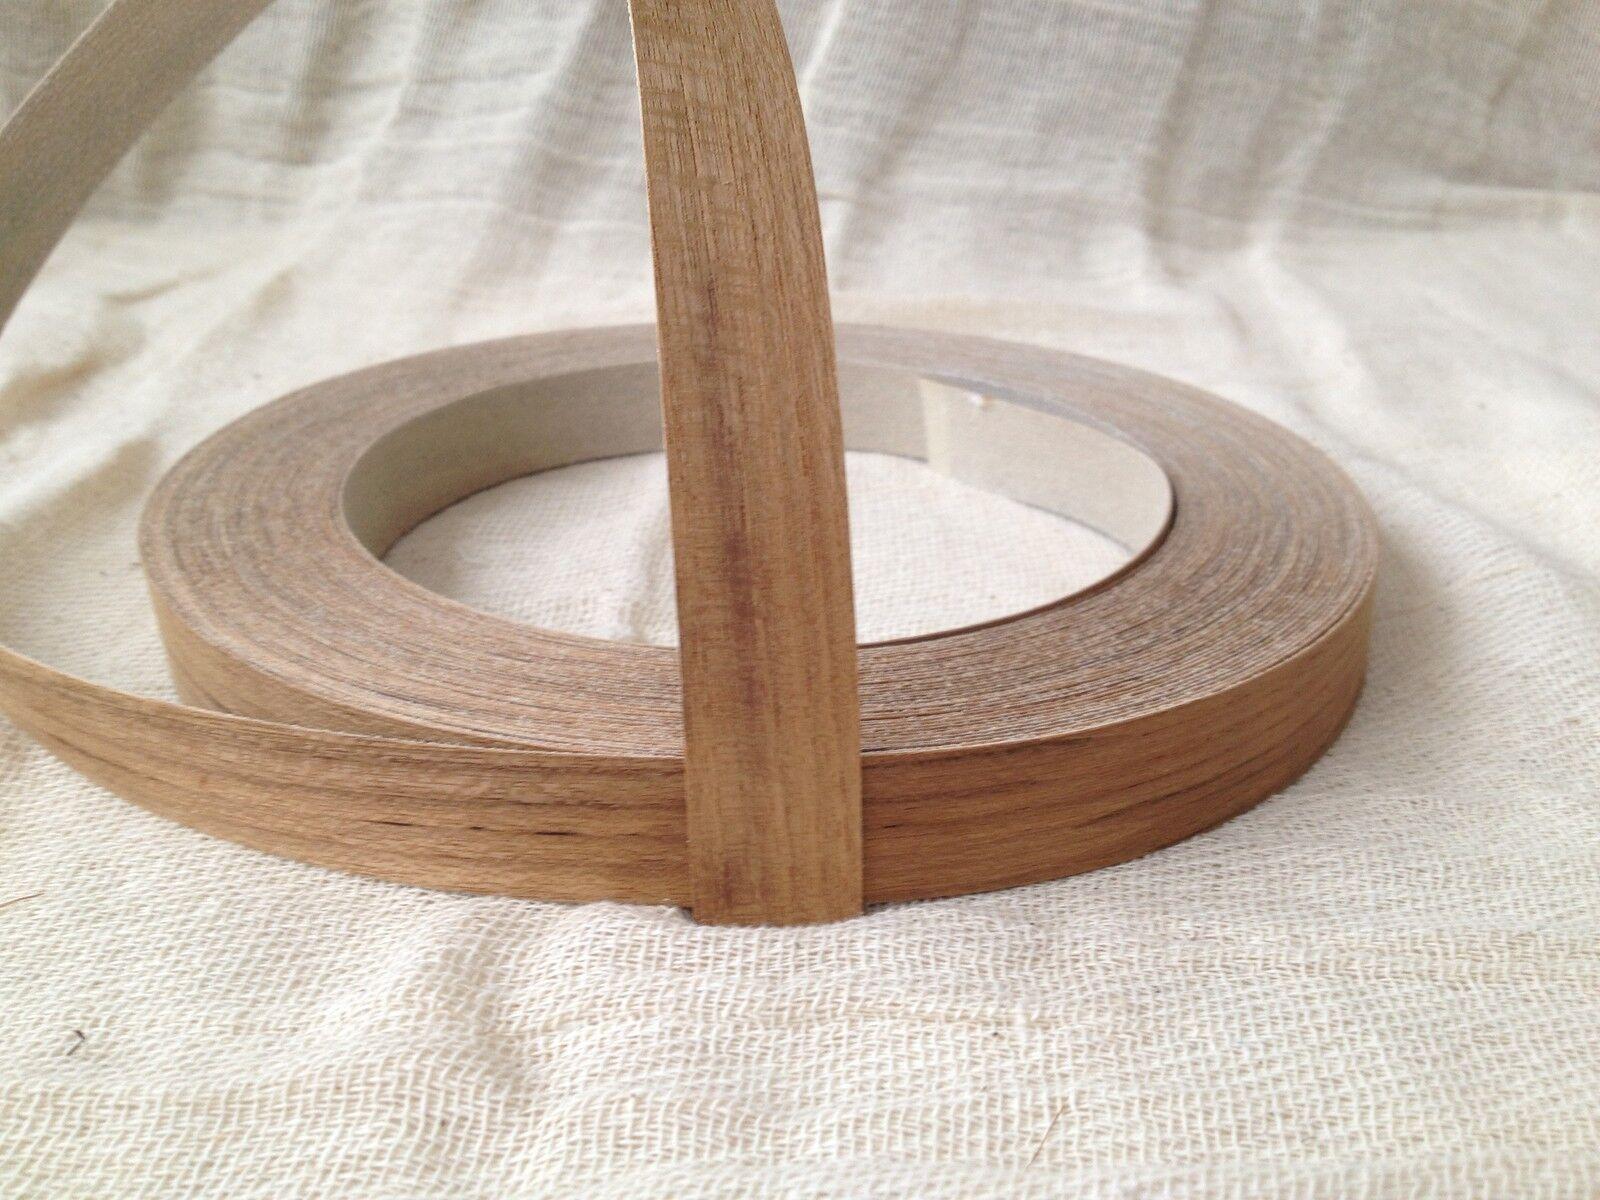 Teak Real Wood Veneer Pre Glued Iron on Edging Tape Banding 22mm